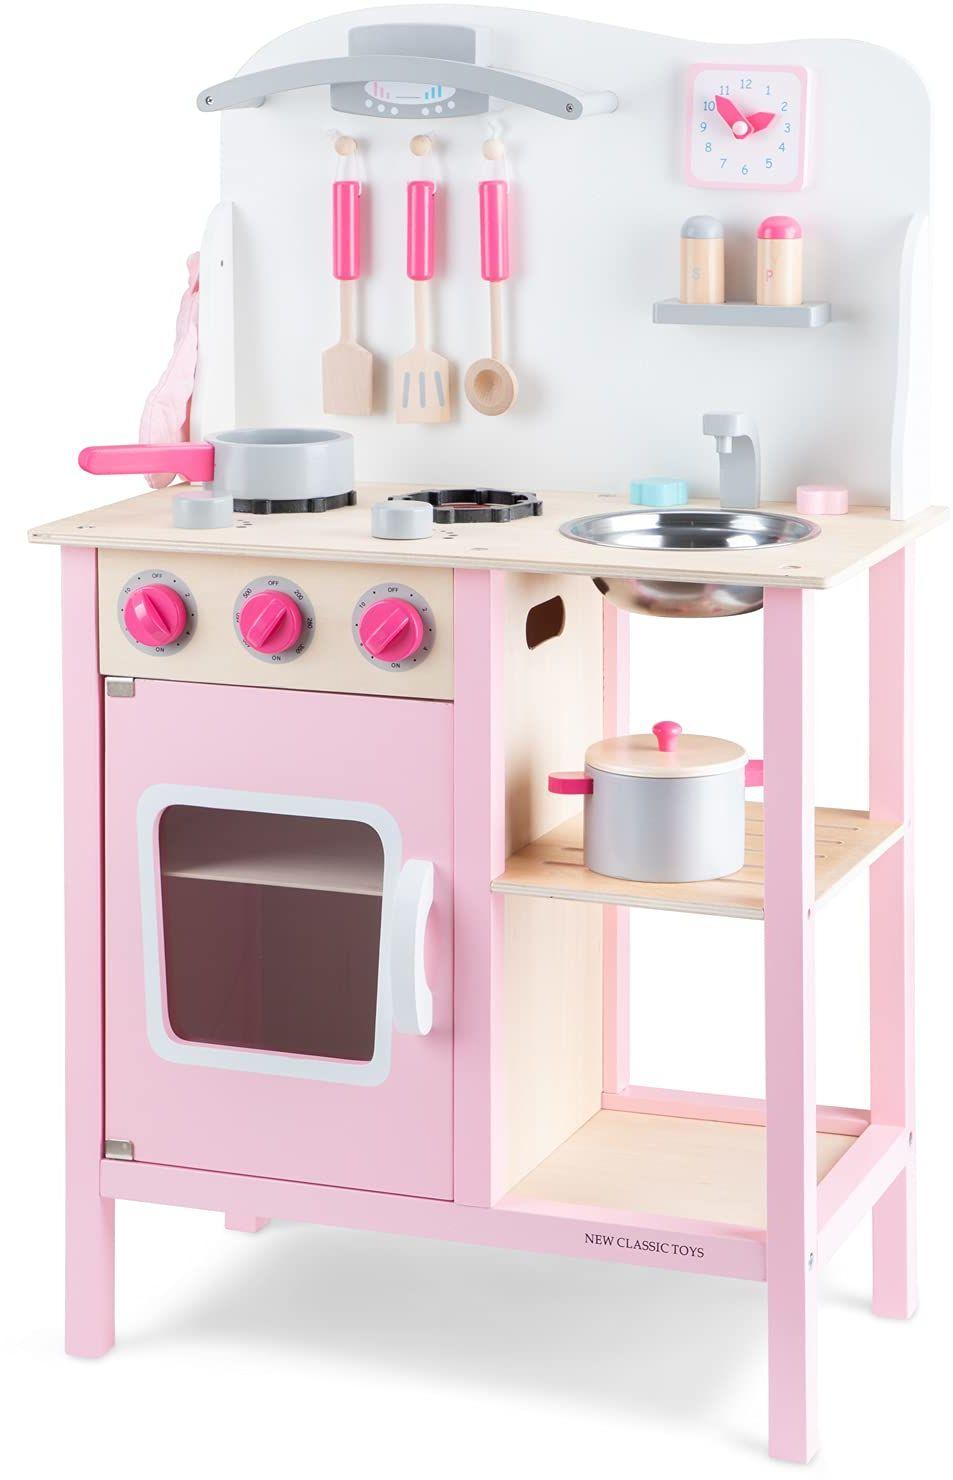 New Classic Toys  11054  zabawy na kółkach dla dzieci  drewniana kuchnia dla dzieci Bon Appétit  róża  wraz z akcesoriami